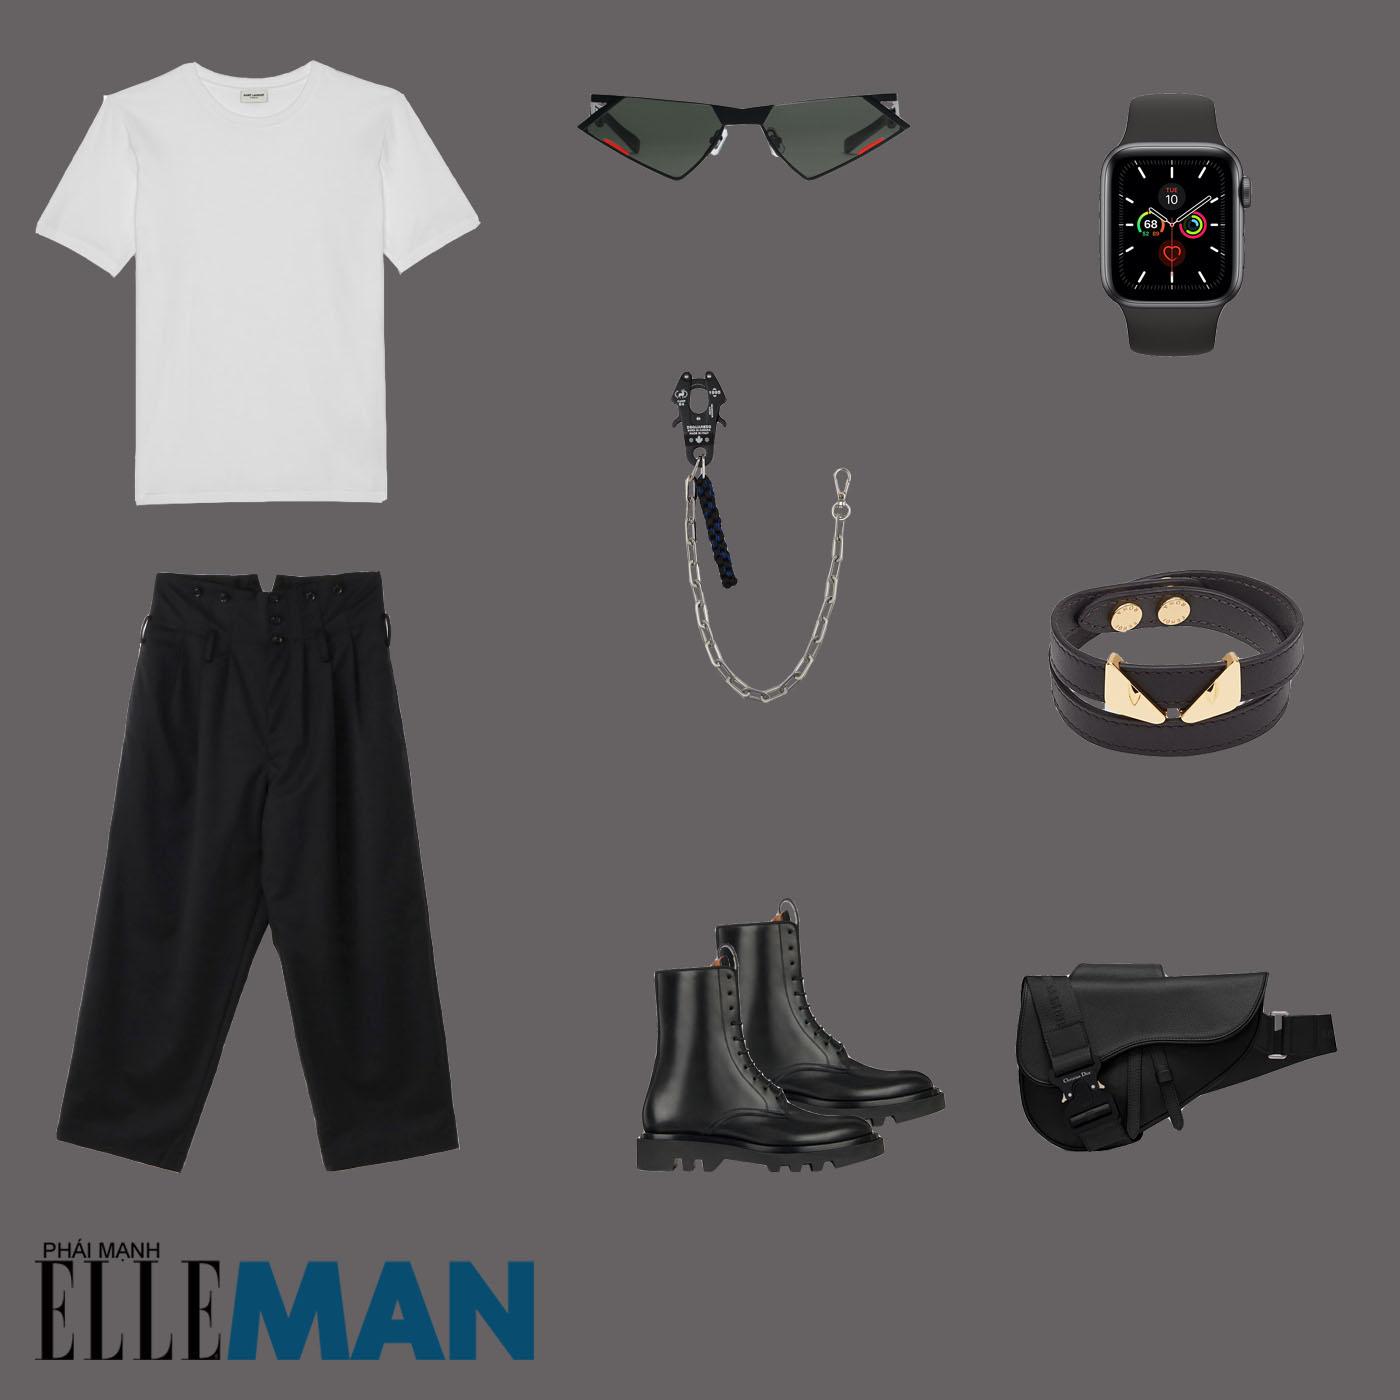 outfit 3 - phối đồ với áo thun basic